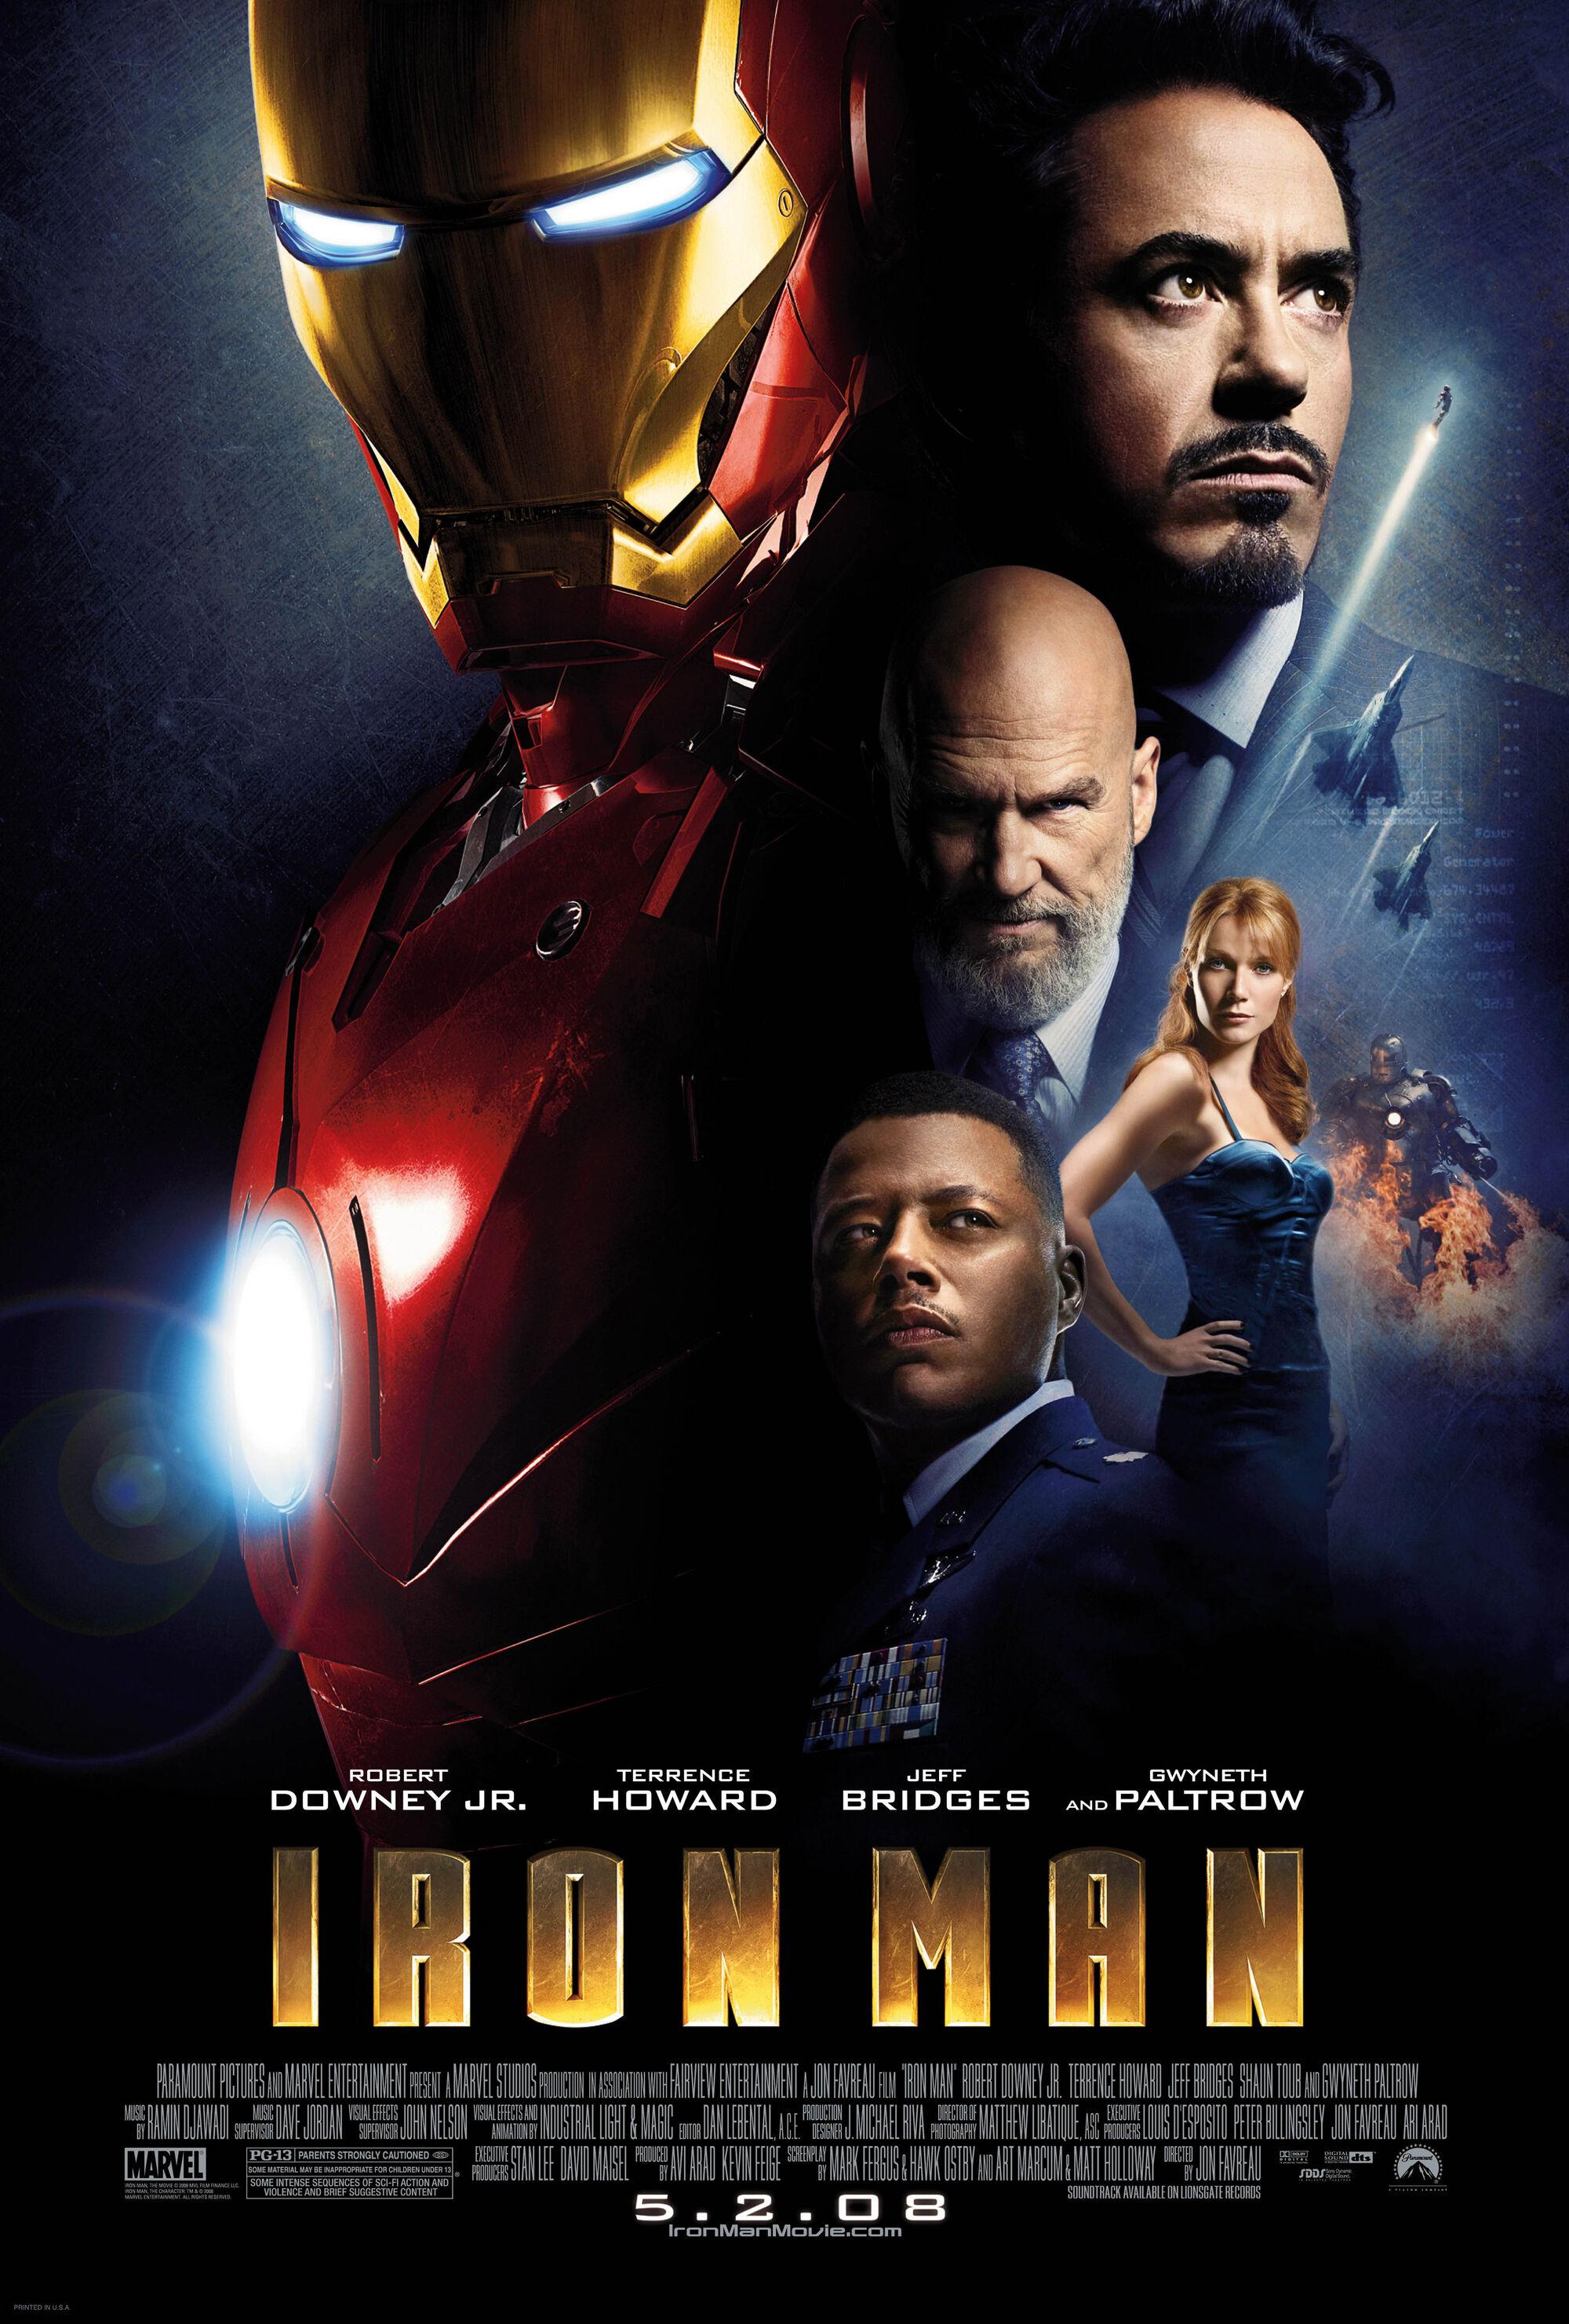 Iron Man (film) | Iron Man Wiki | FANDOM powered by Wikia